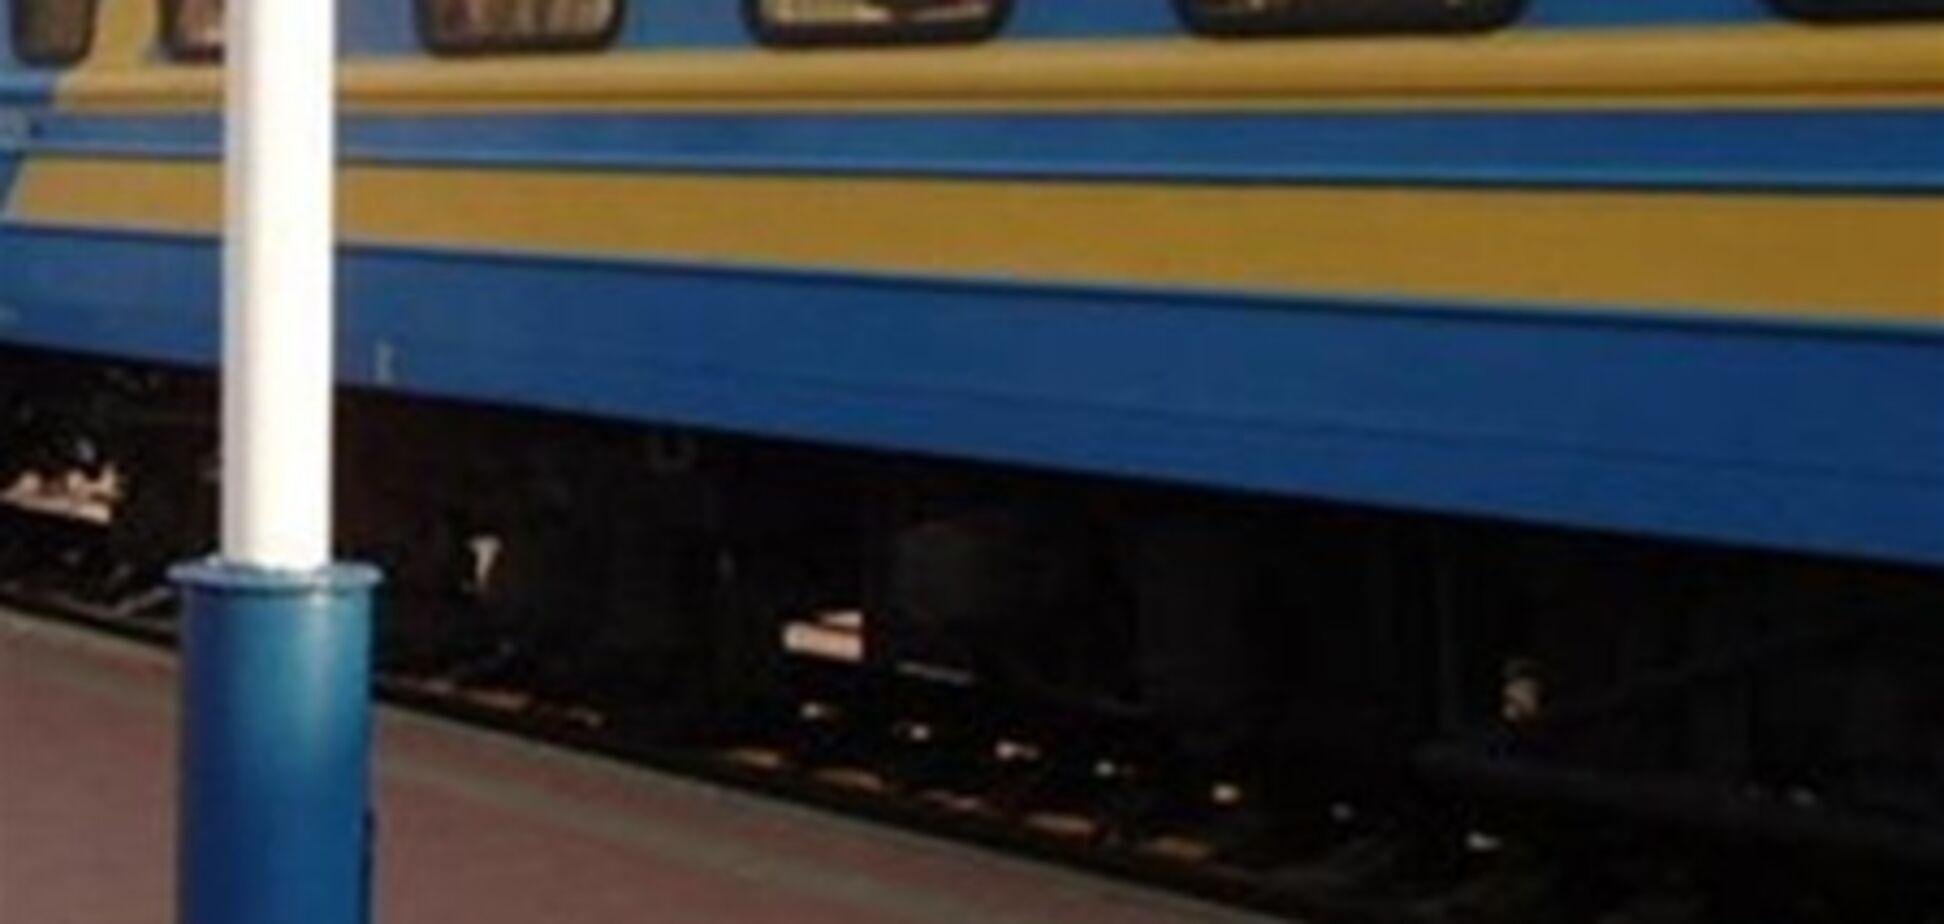 Пассажирский поезд из Донецка, который попал в ДТП в РФ, продолжил движение